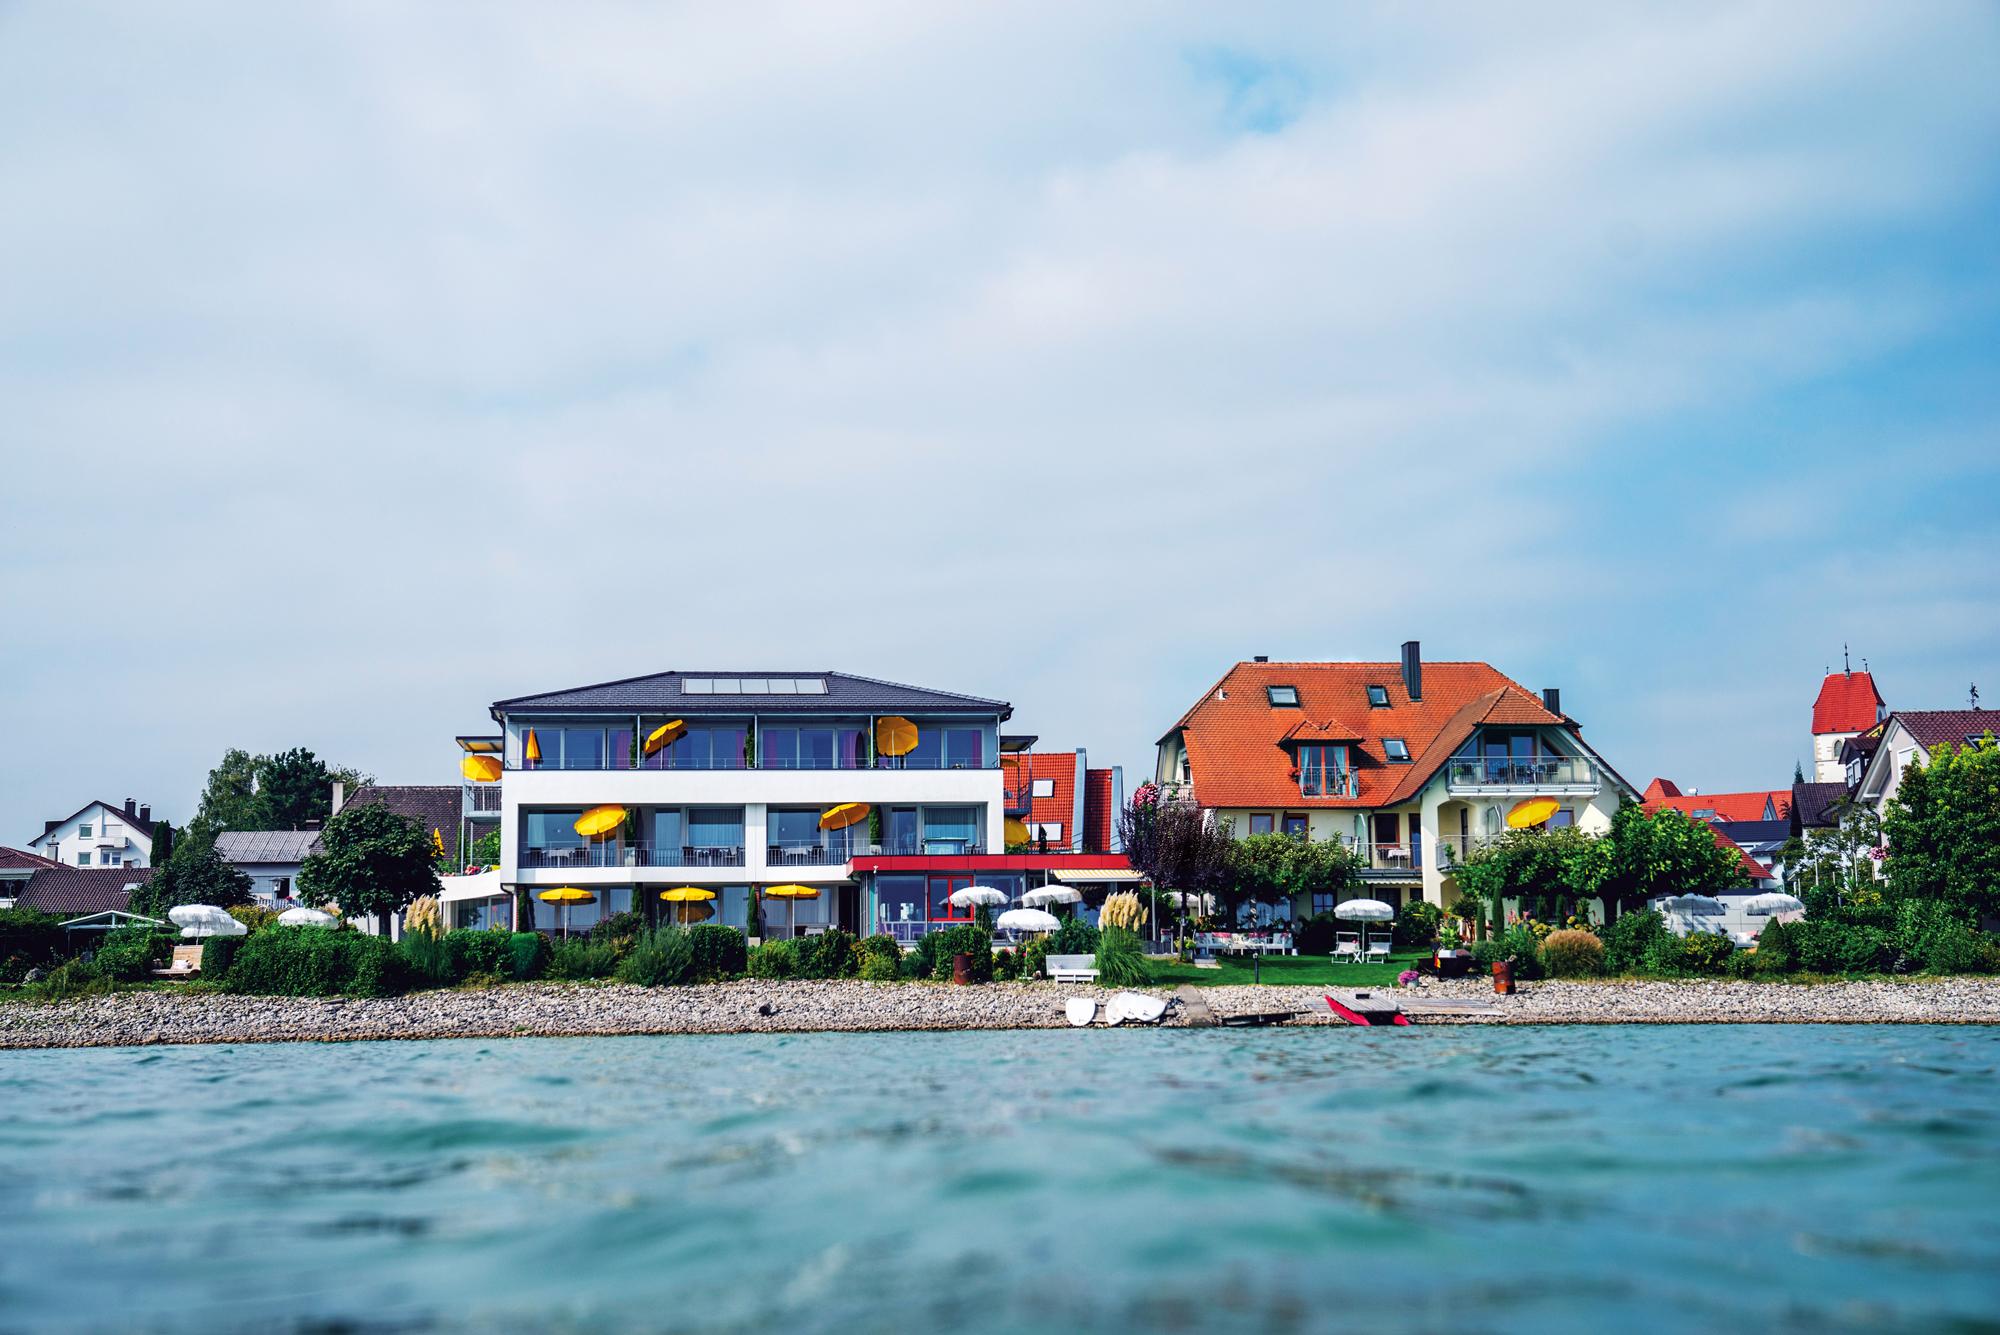 Strandhaus Eberle